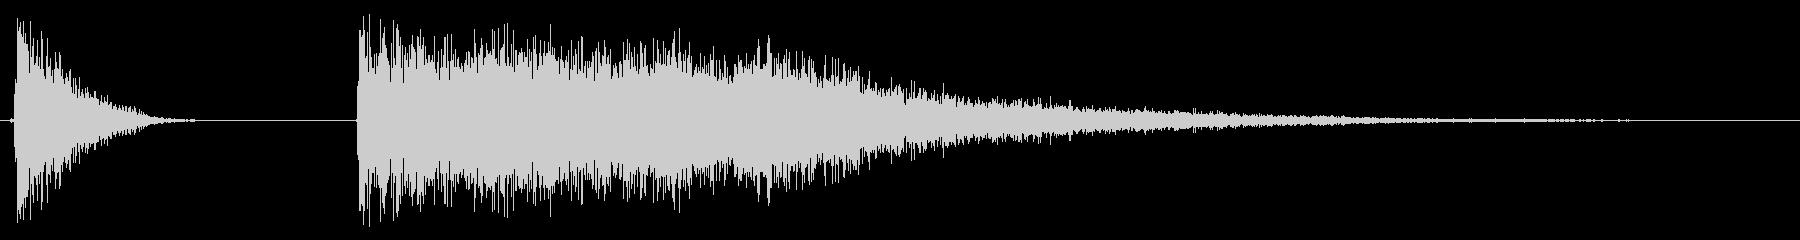 ドラムのハイハット開閉音の未再生の波形